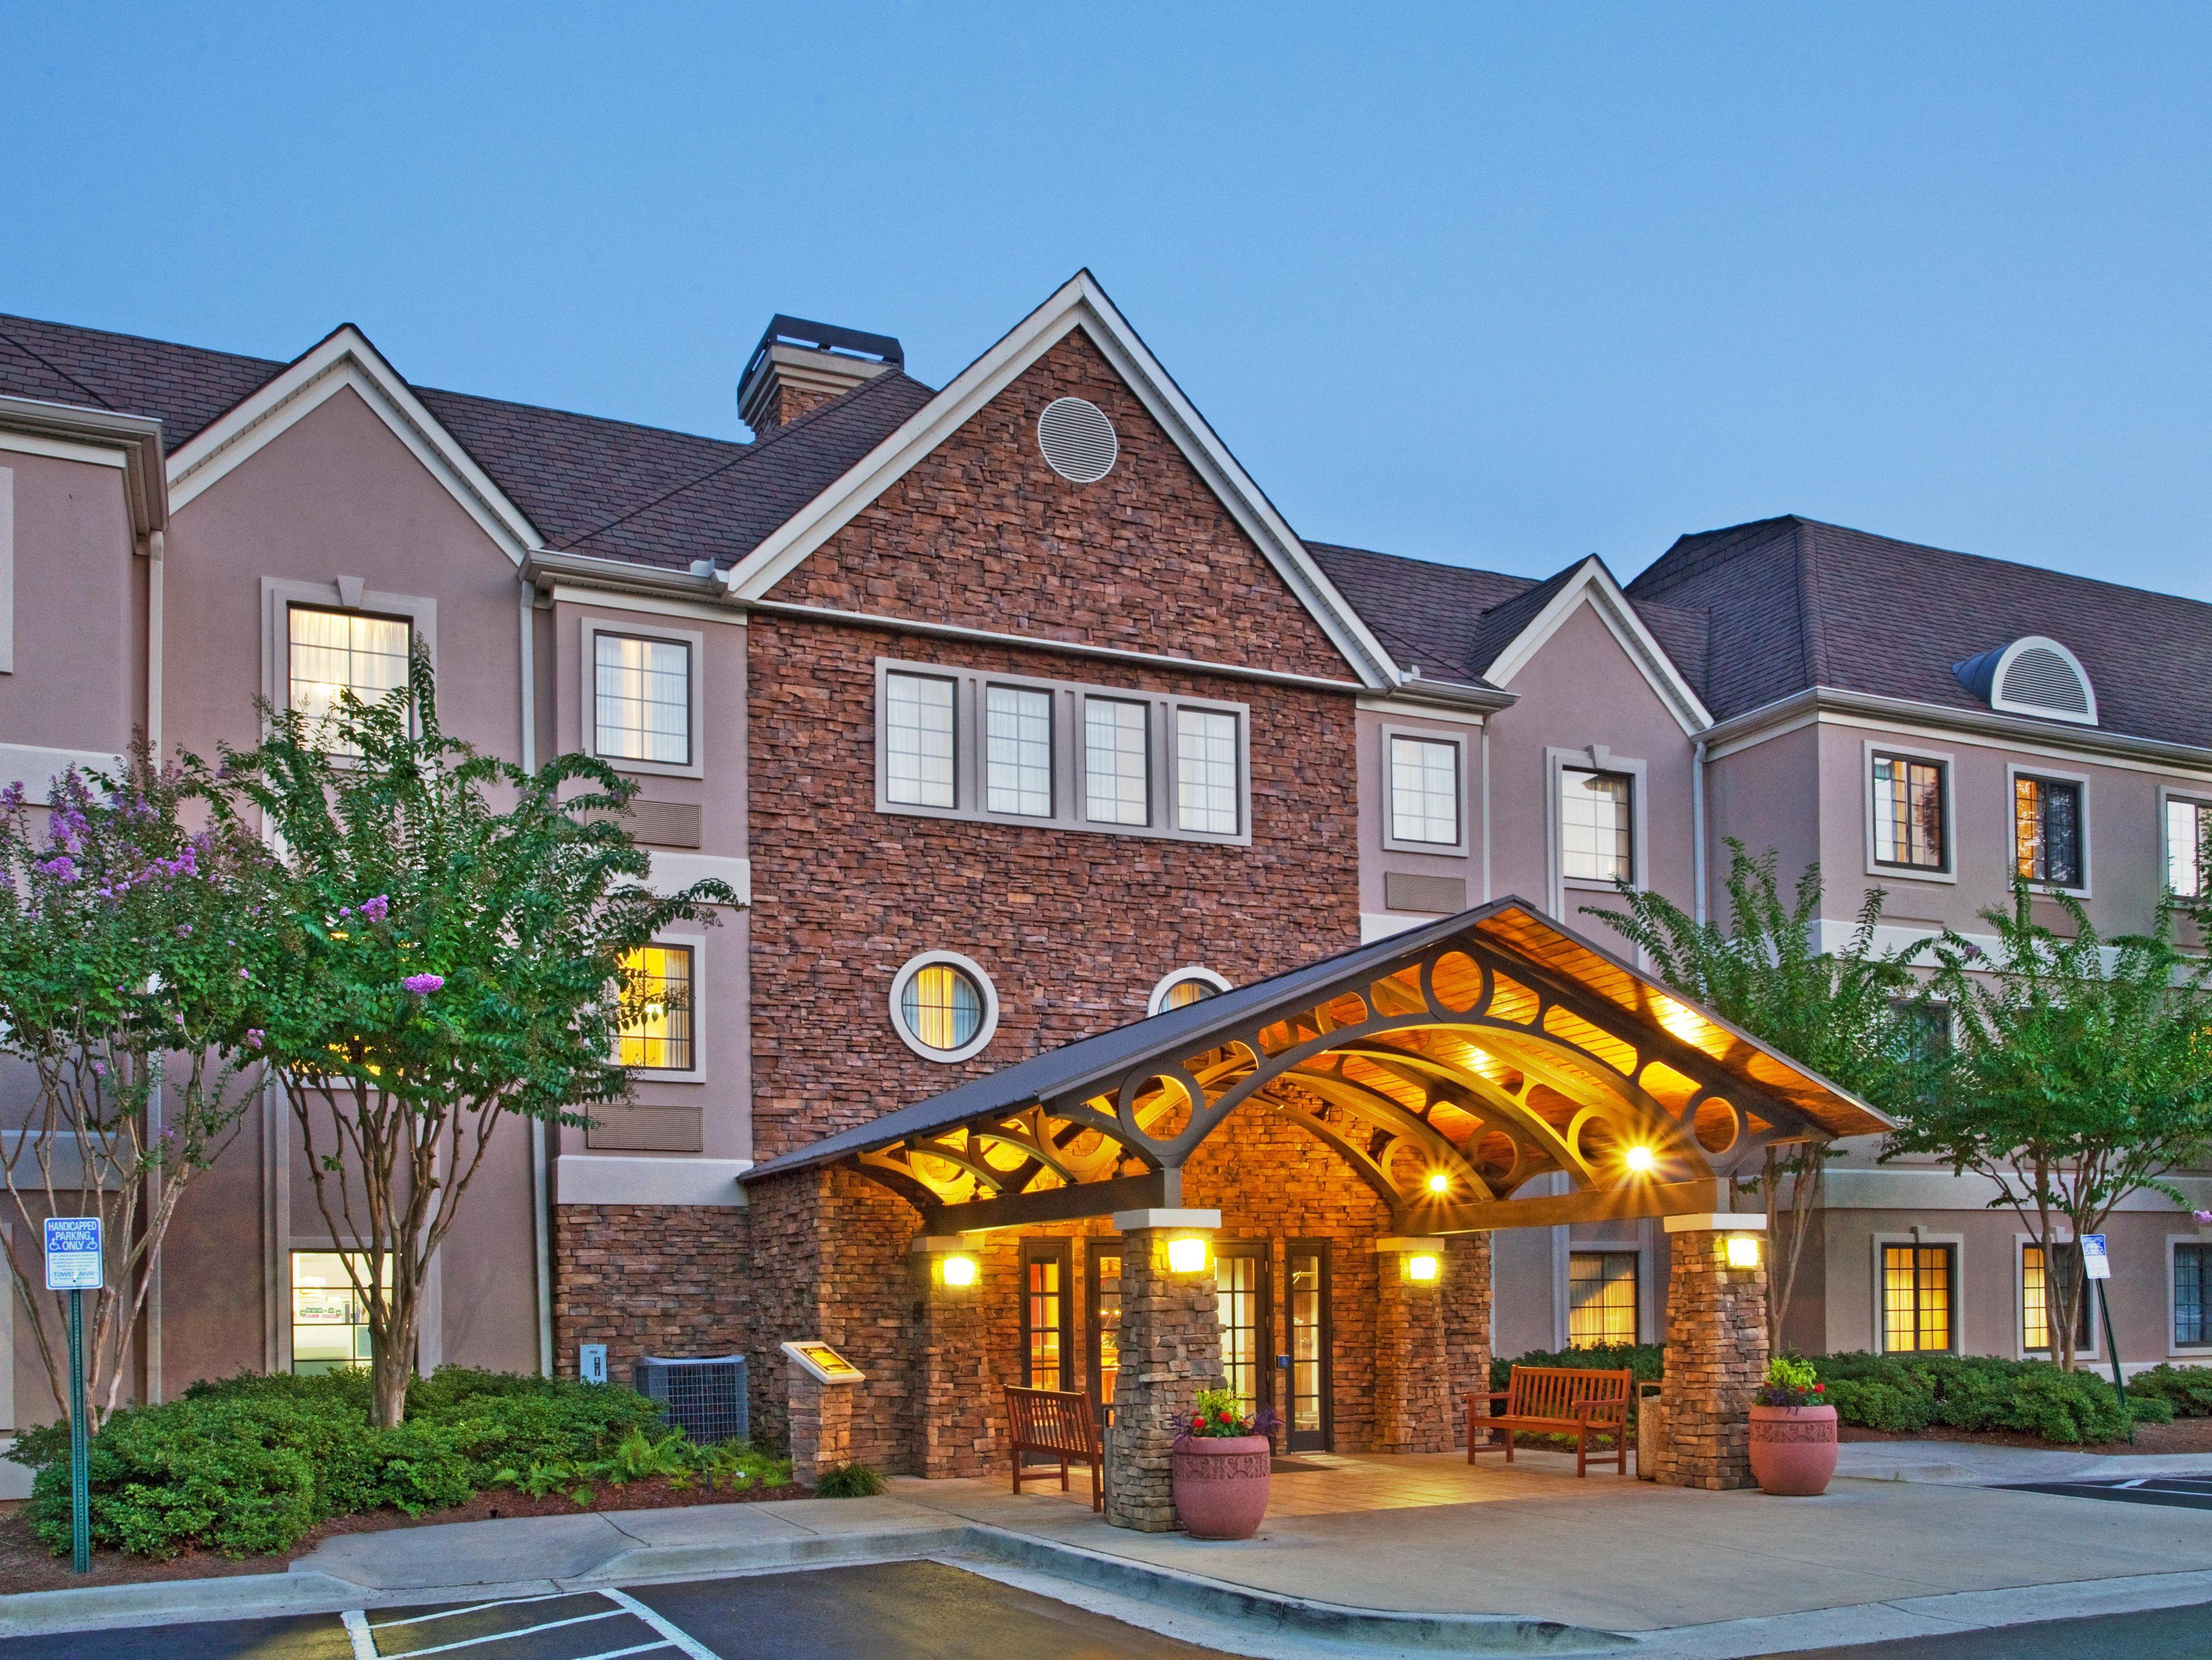 Extended Stay Hotels in Alpharetta, GA